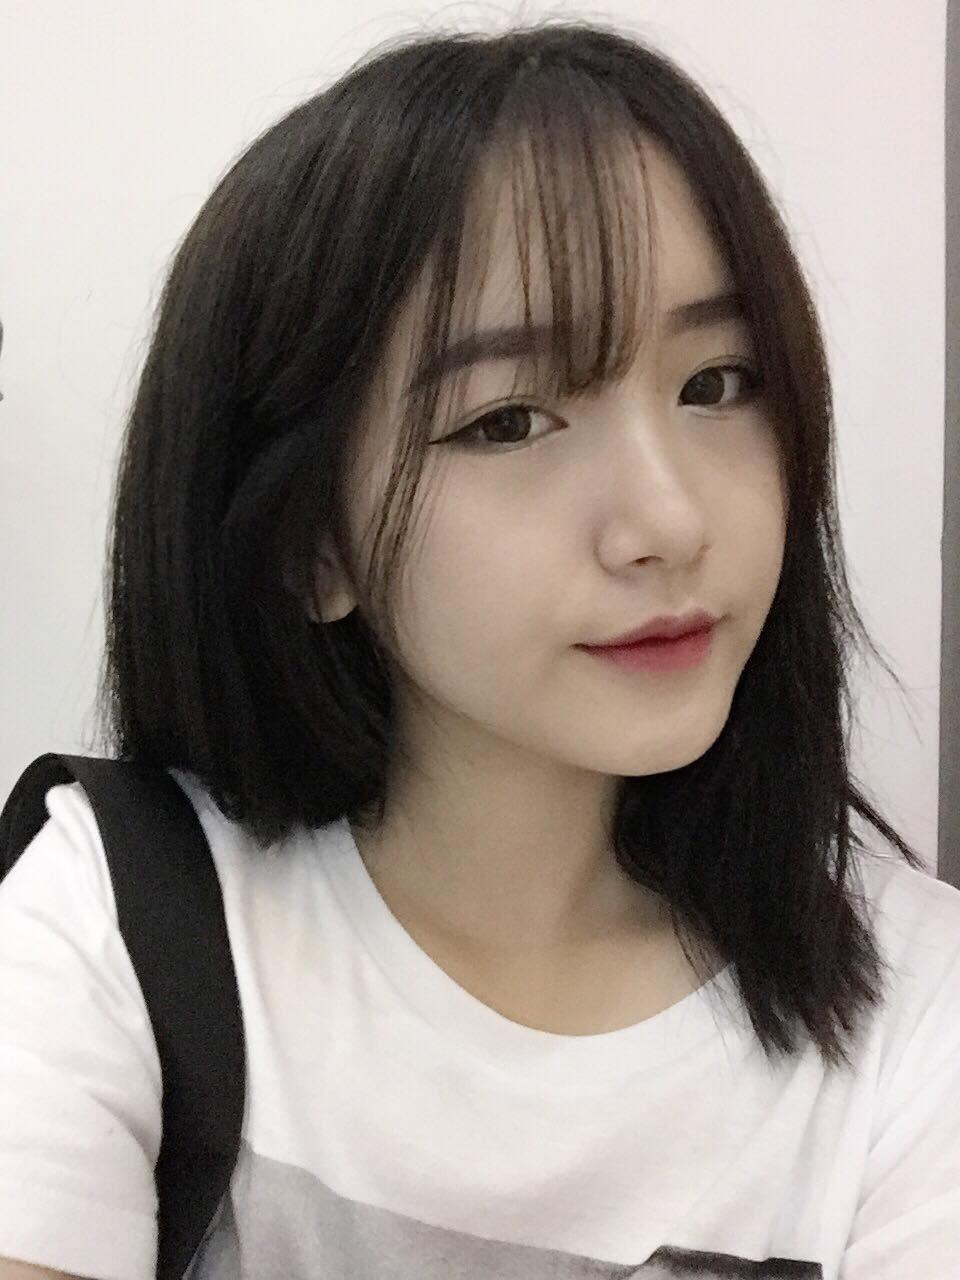 Cô bạn 18 tuổi tới từ Nha Trang khiến ai cũng gật gù: Con gái Việt đúng là ngày càng xinh! - Ảnh 10.